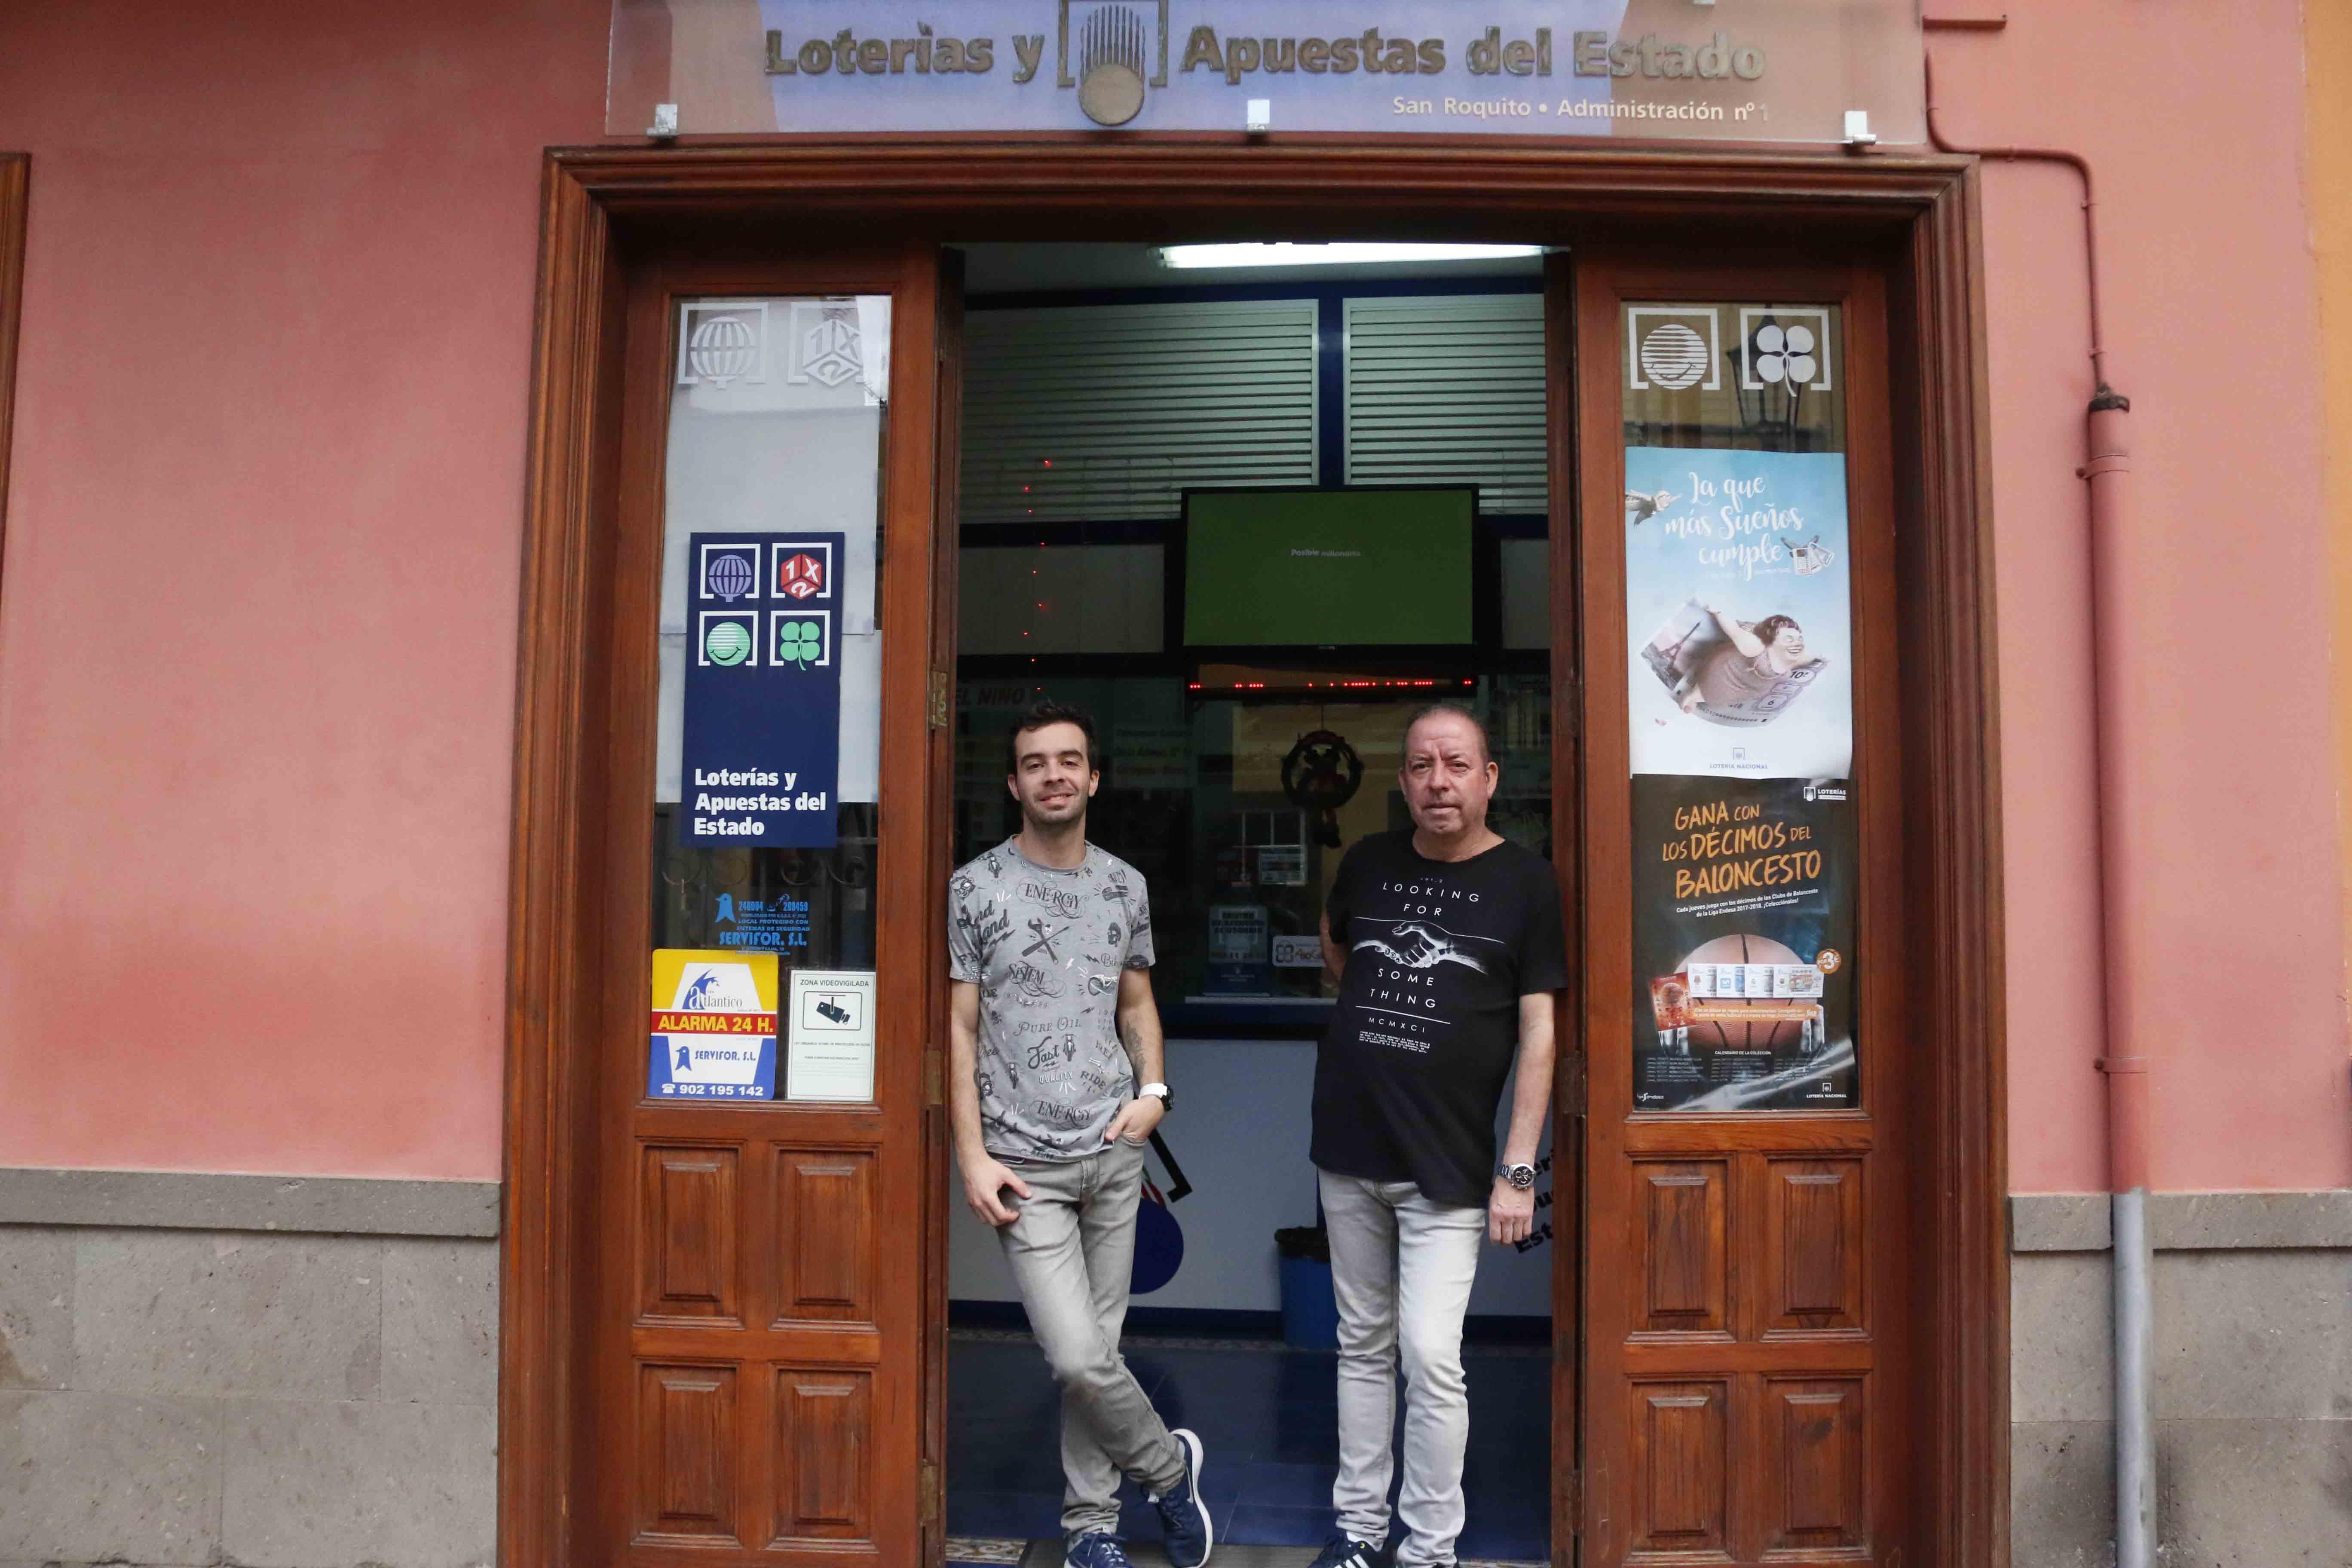 Padre e hijo, Rafael y David Soler, respectivamente; a las puertas de la administración número 1 de Garachico: lotería San Roquito